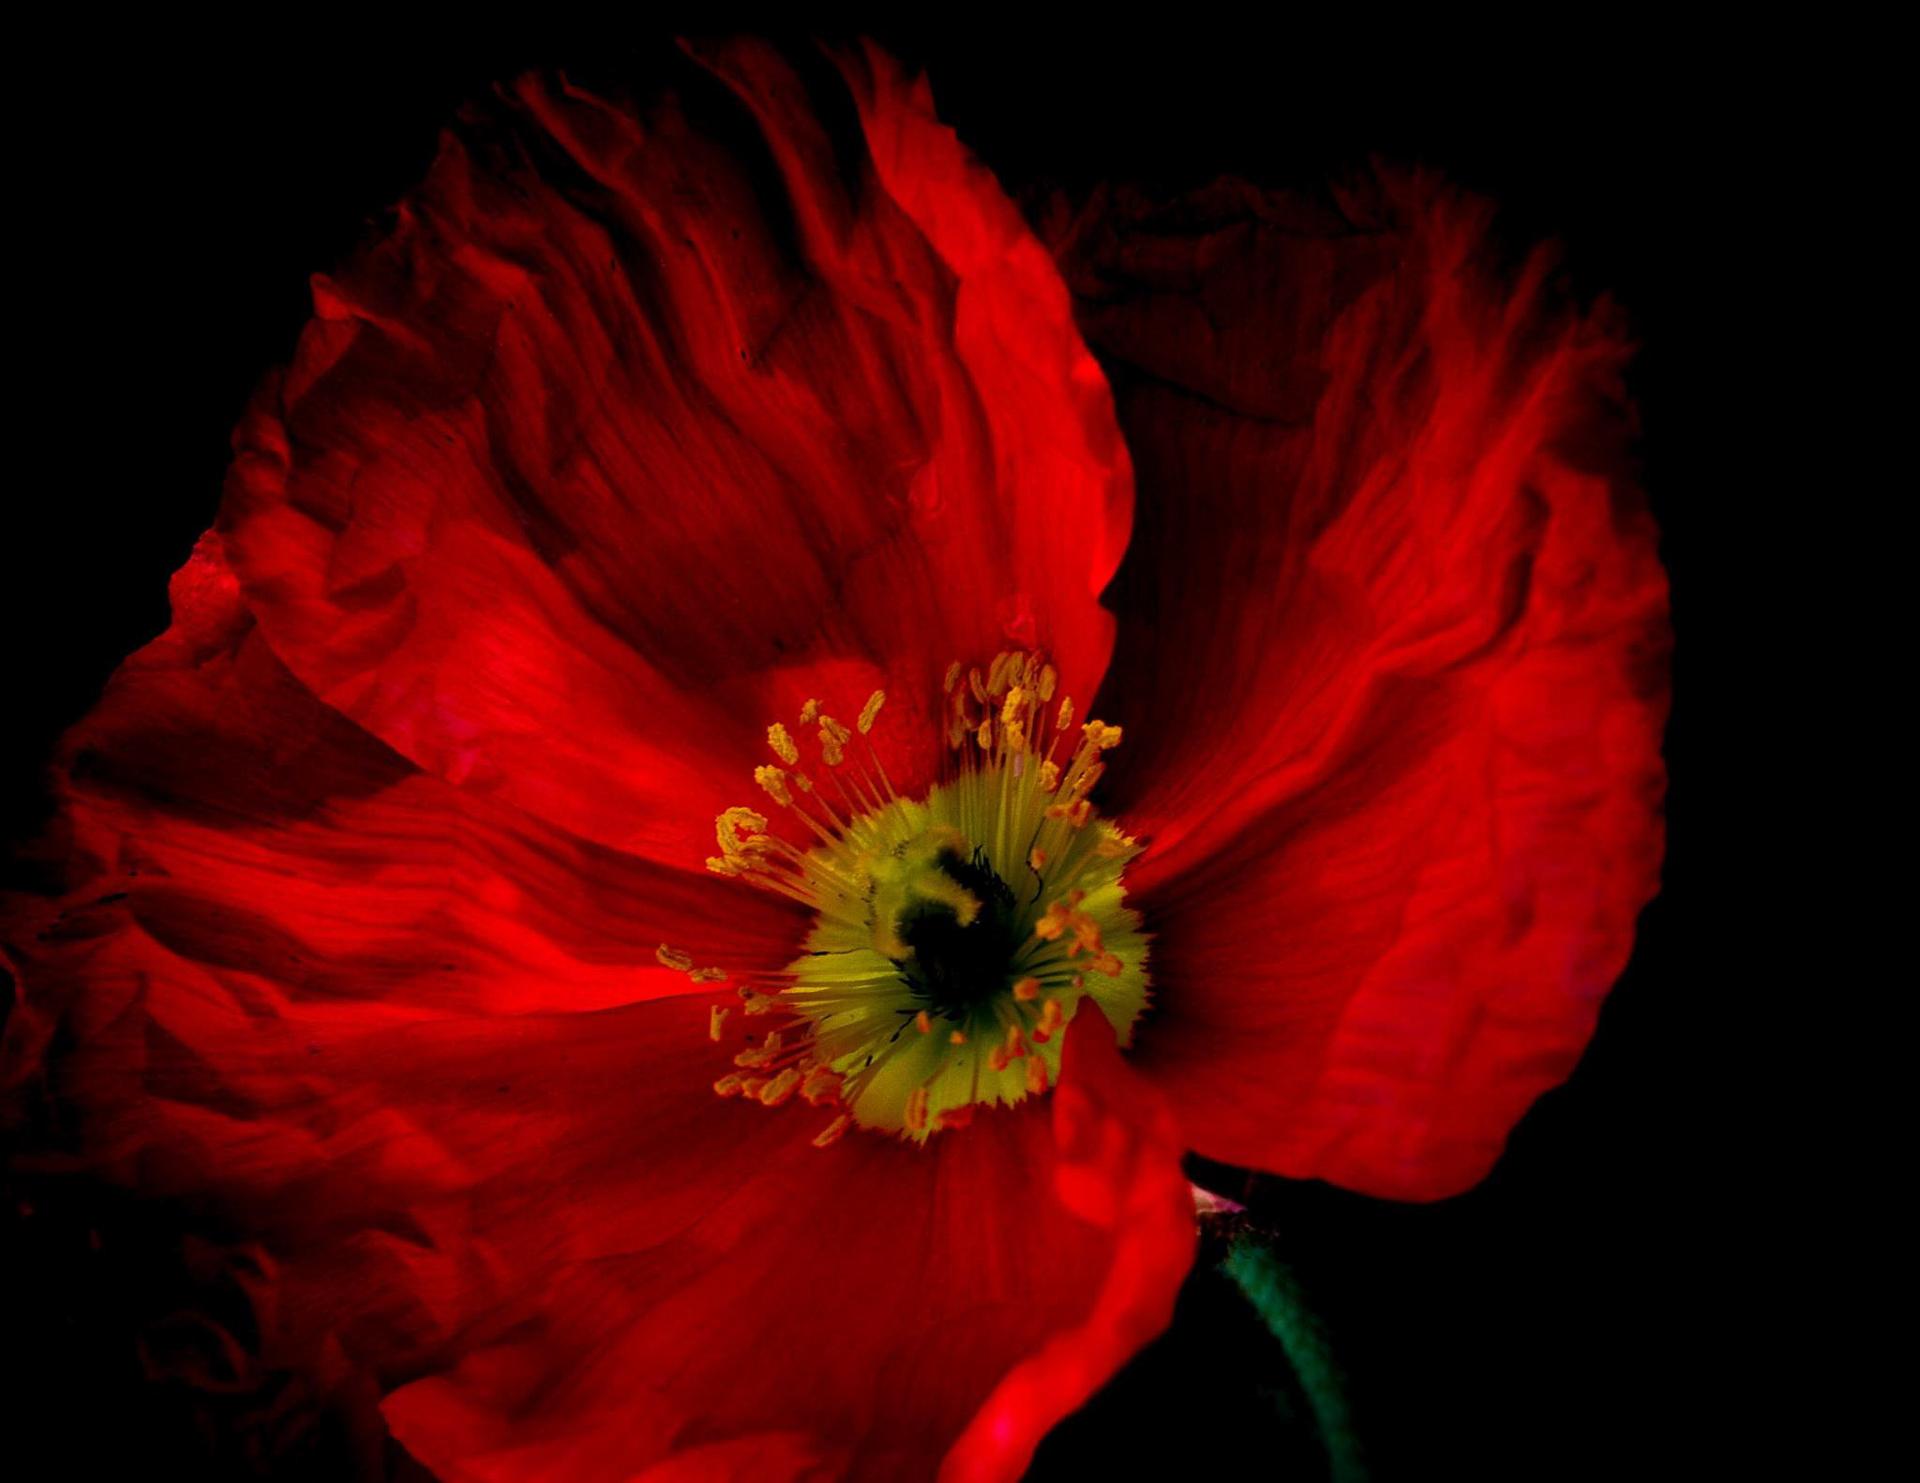 Mary Beth Ponitz, Red Poppy